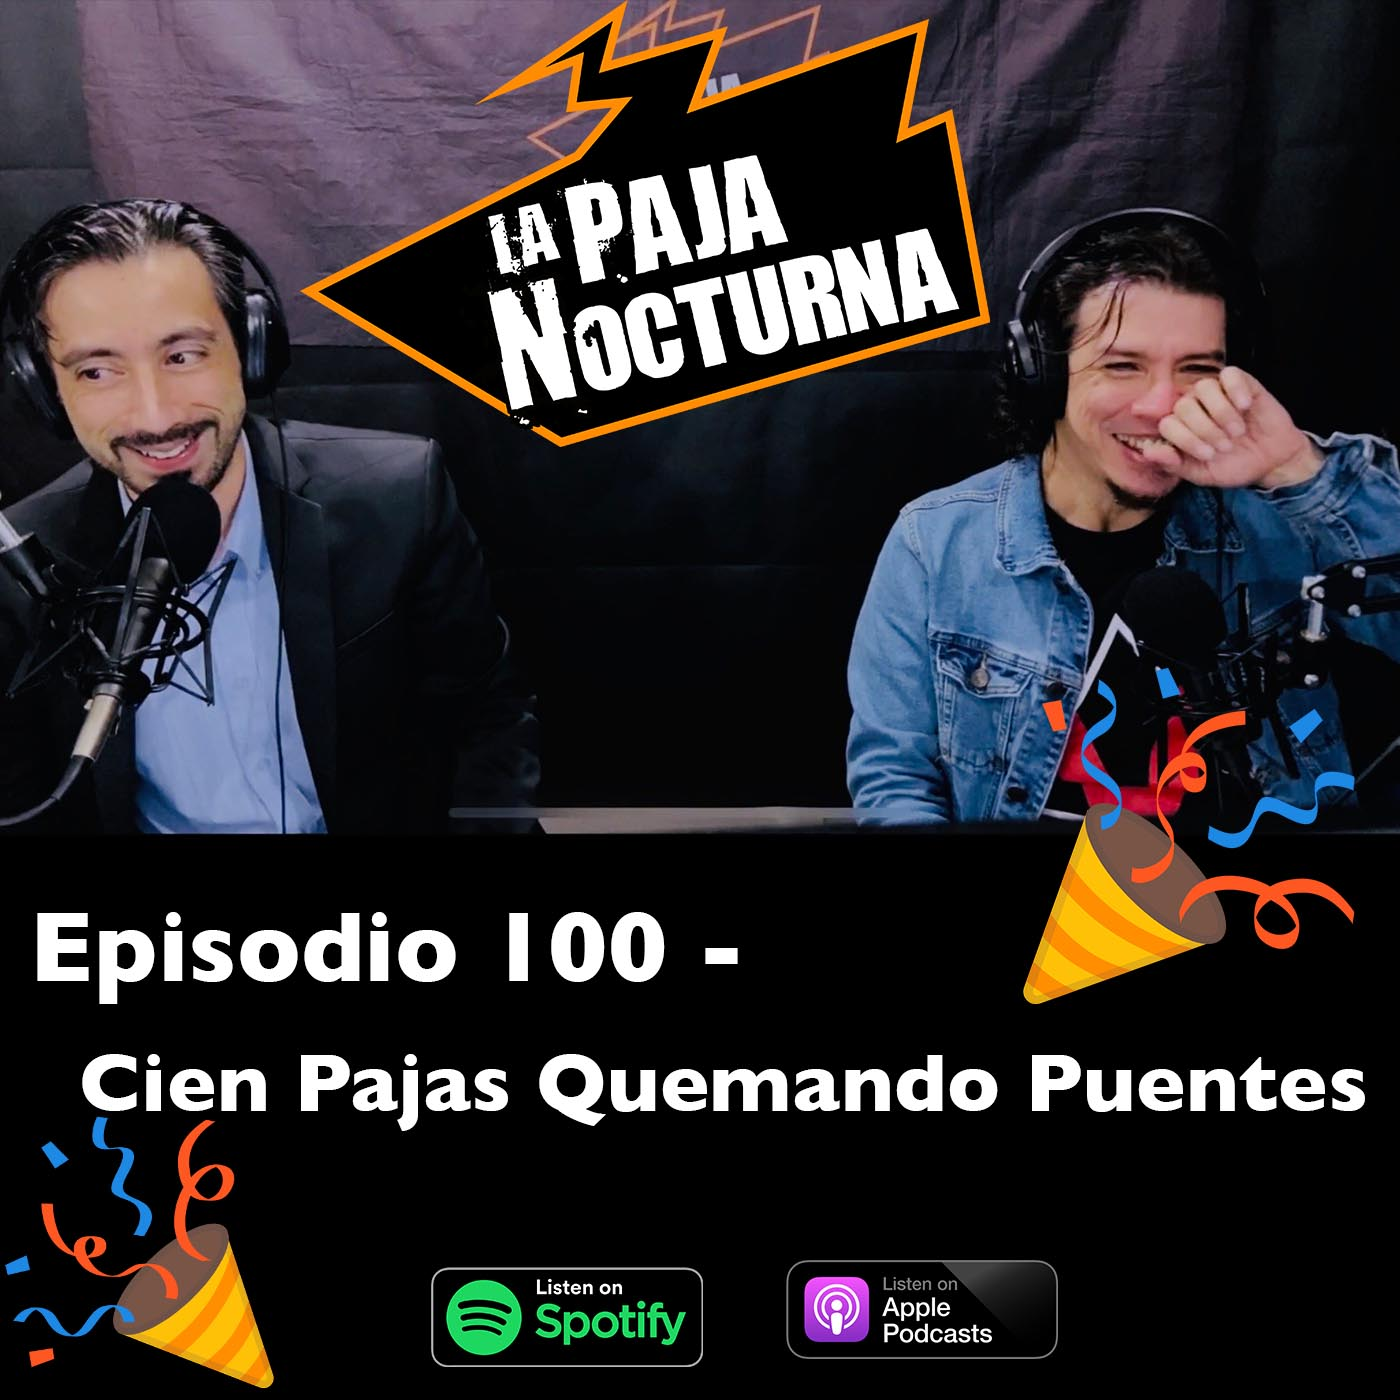 La paja nocturna podcast Episodio 100